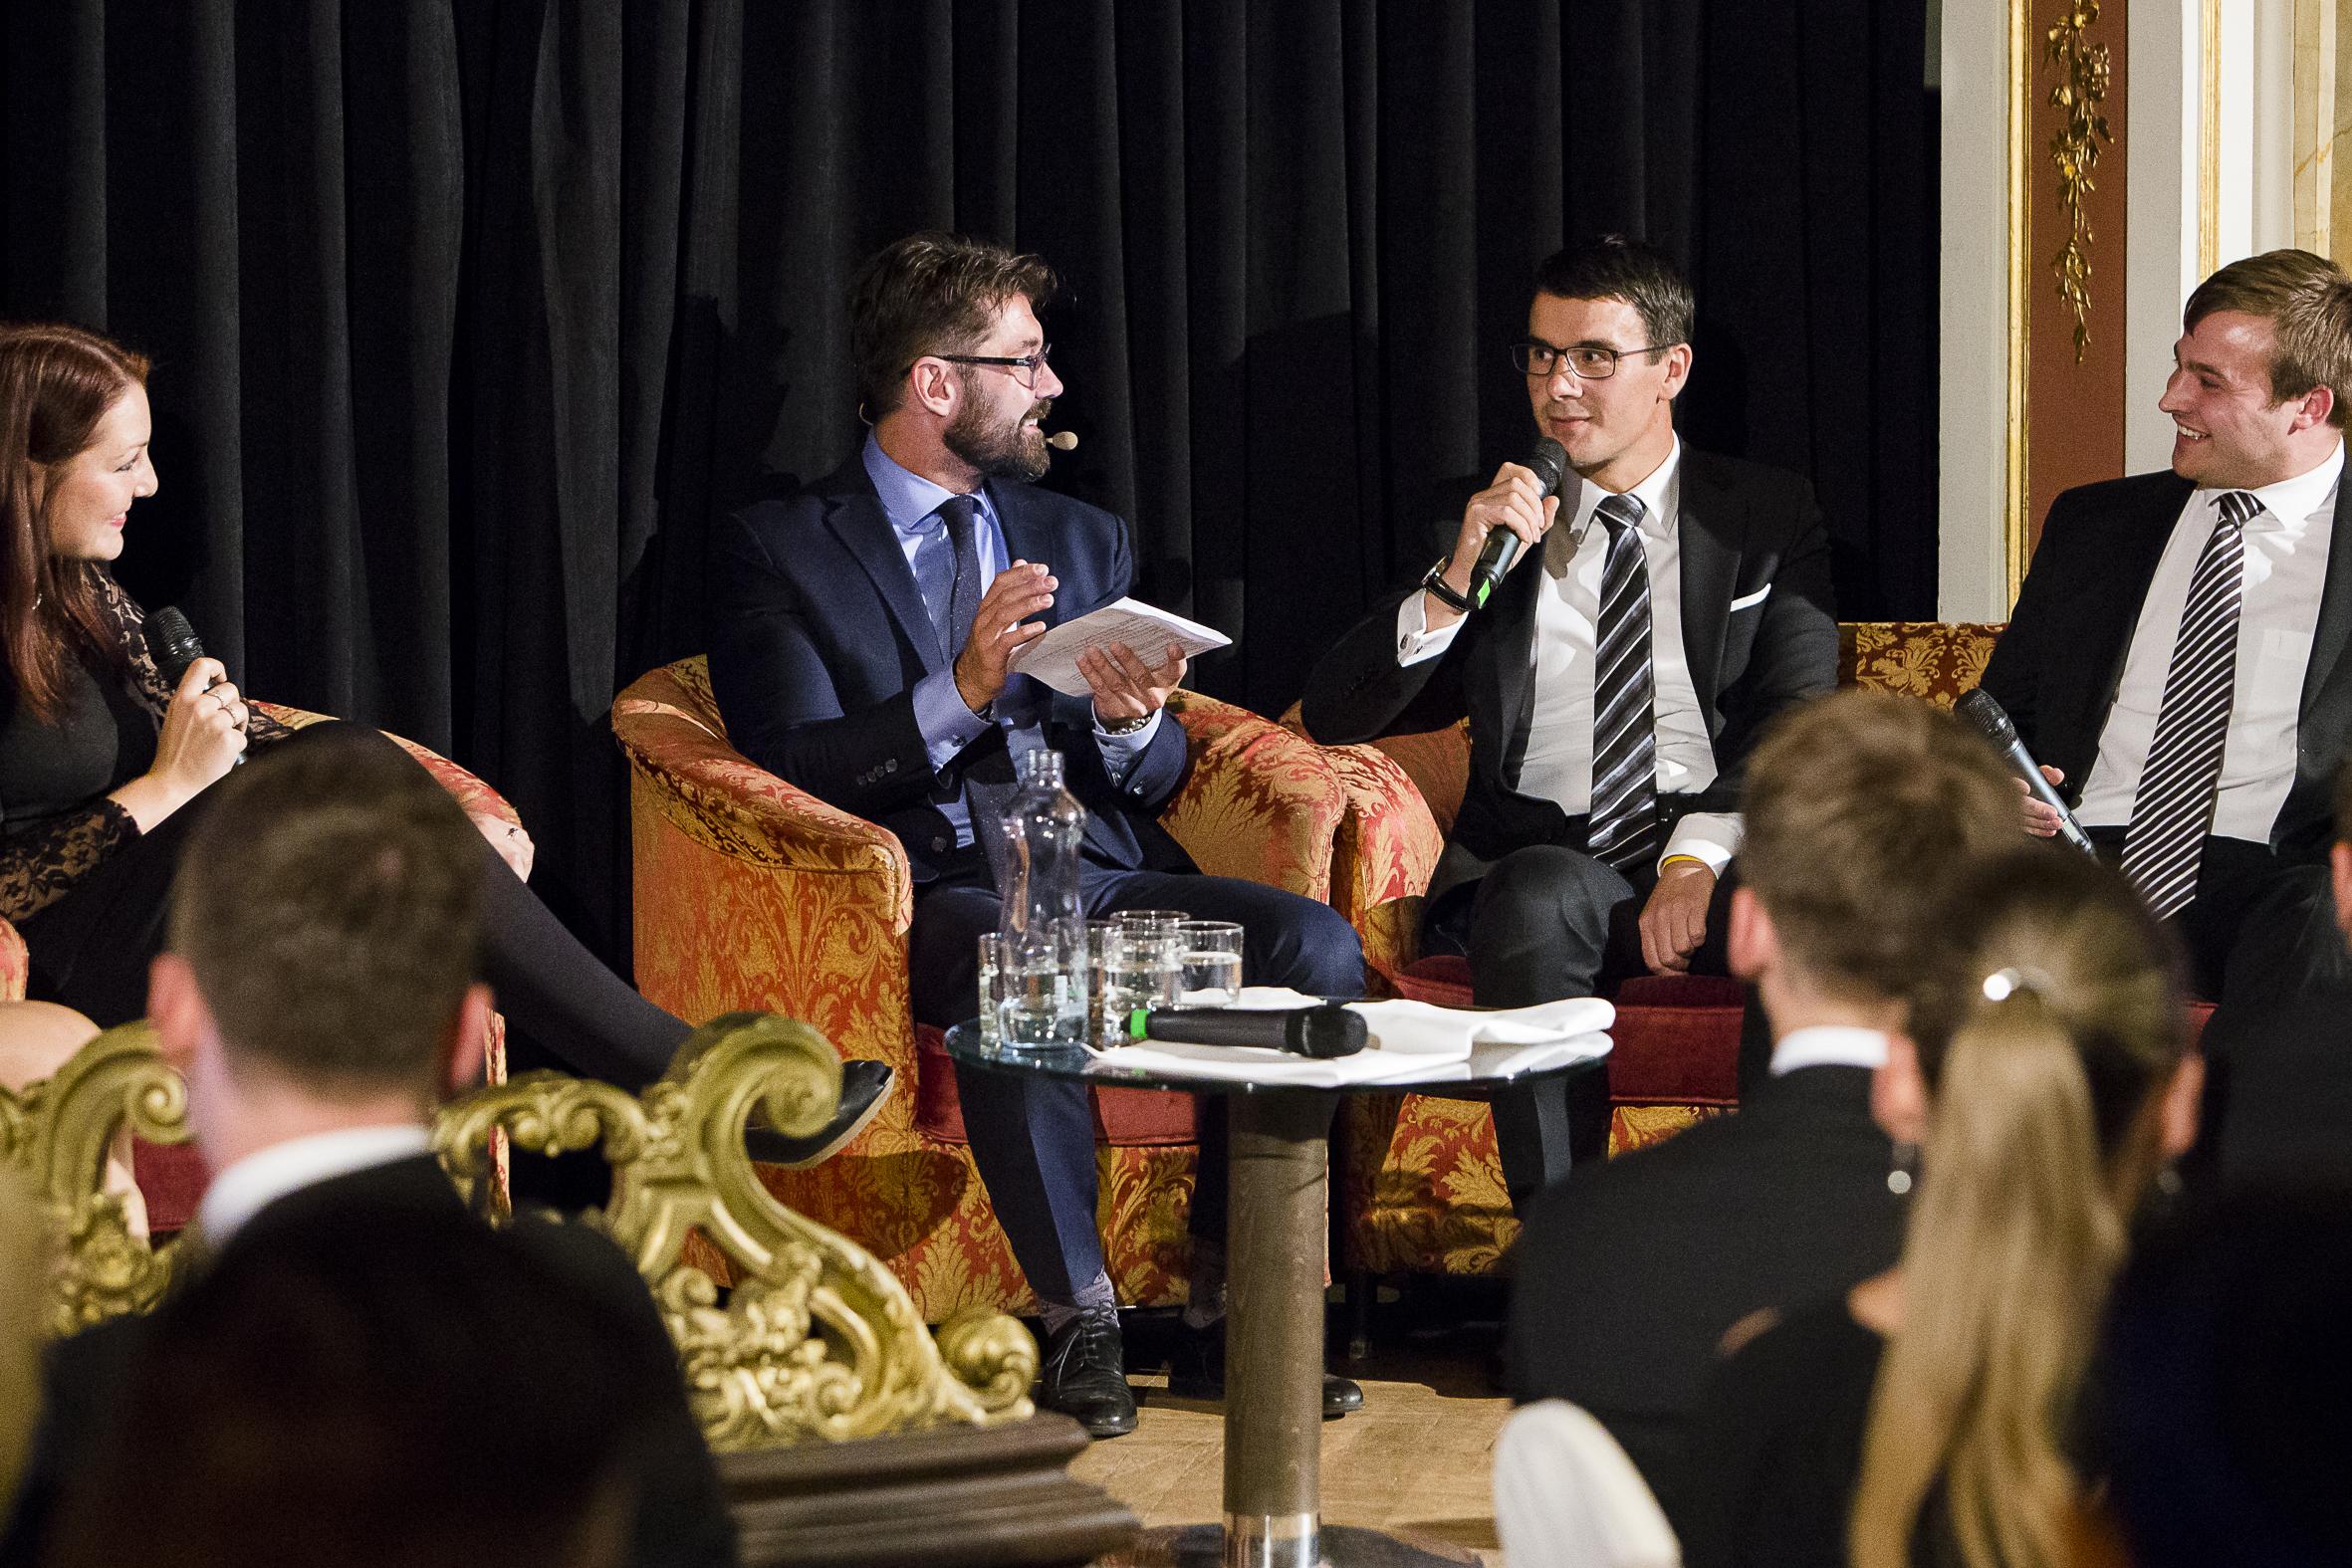 Uprostřed David Neveselý, partner advokátní kanceláře Havel, Holásek & partners, při rozhovoru s šéfredaktorem magazínu Forbes, Petrem Šimůnkem a manželé Prouskovi ze společnosti Petrof